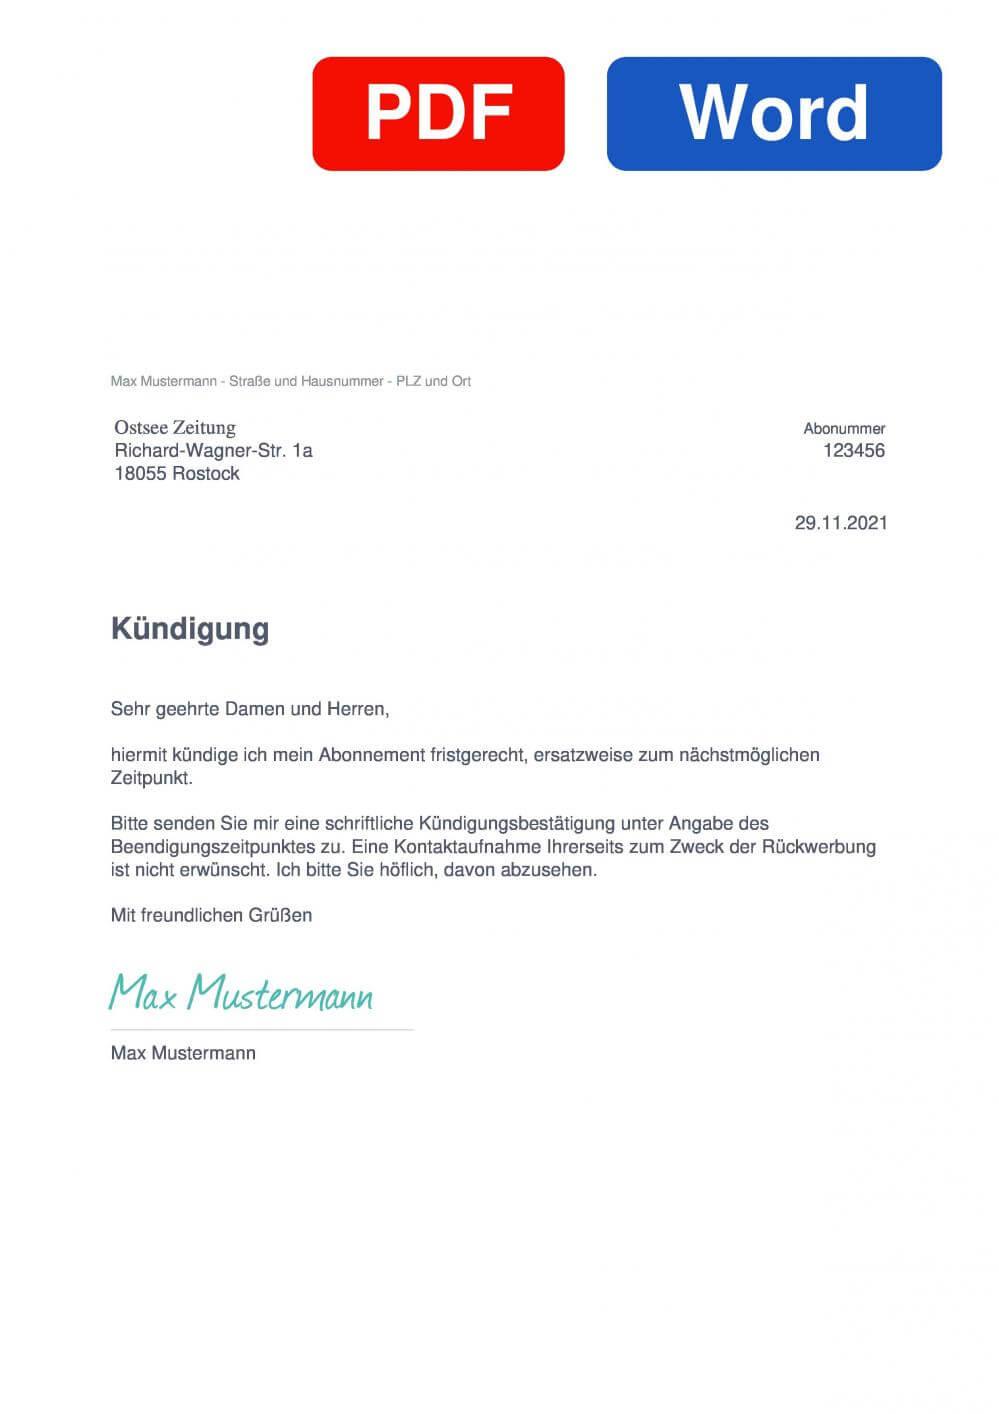 Ostsee Zeitung Muster Vorlage für Kündigungsschreiben